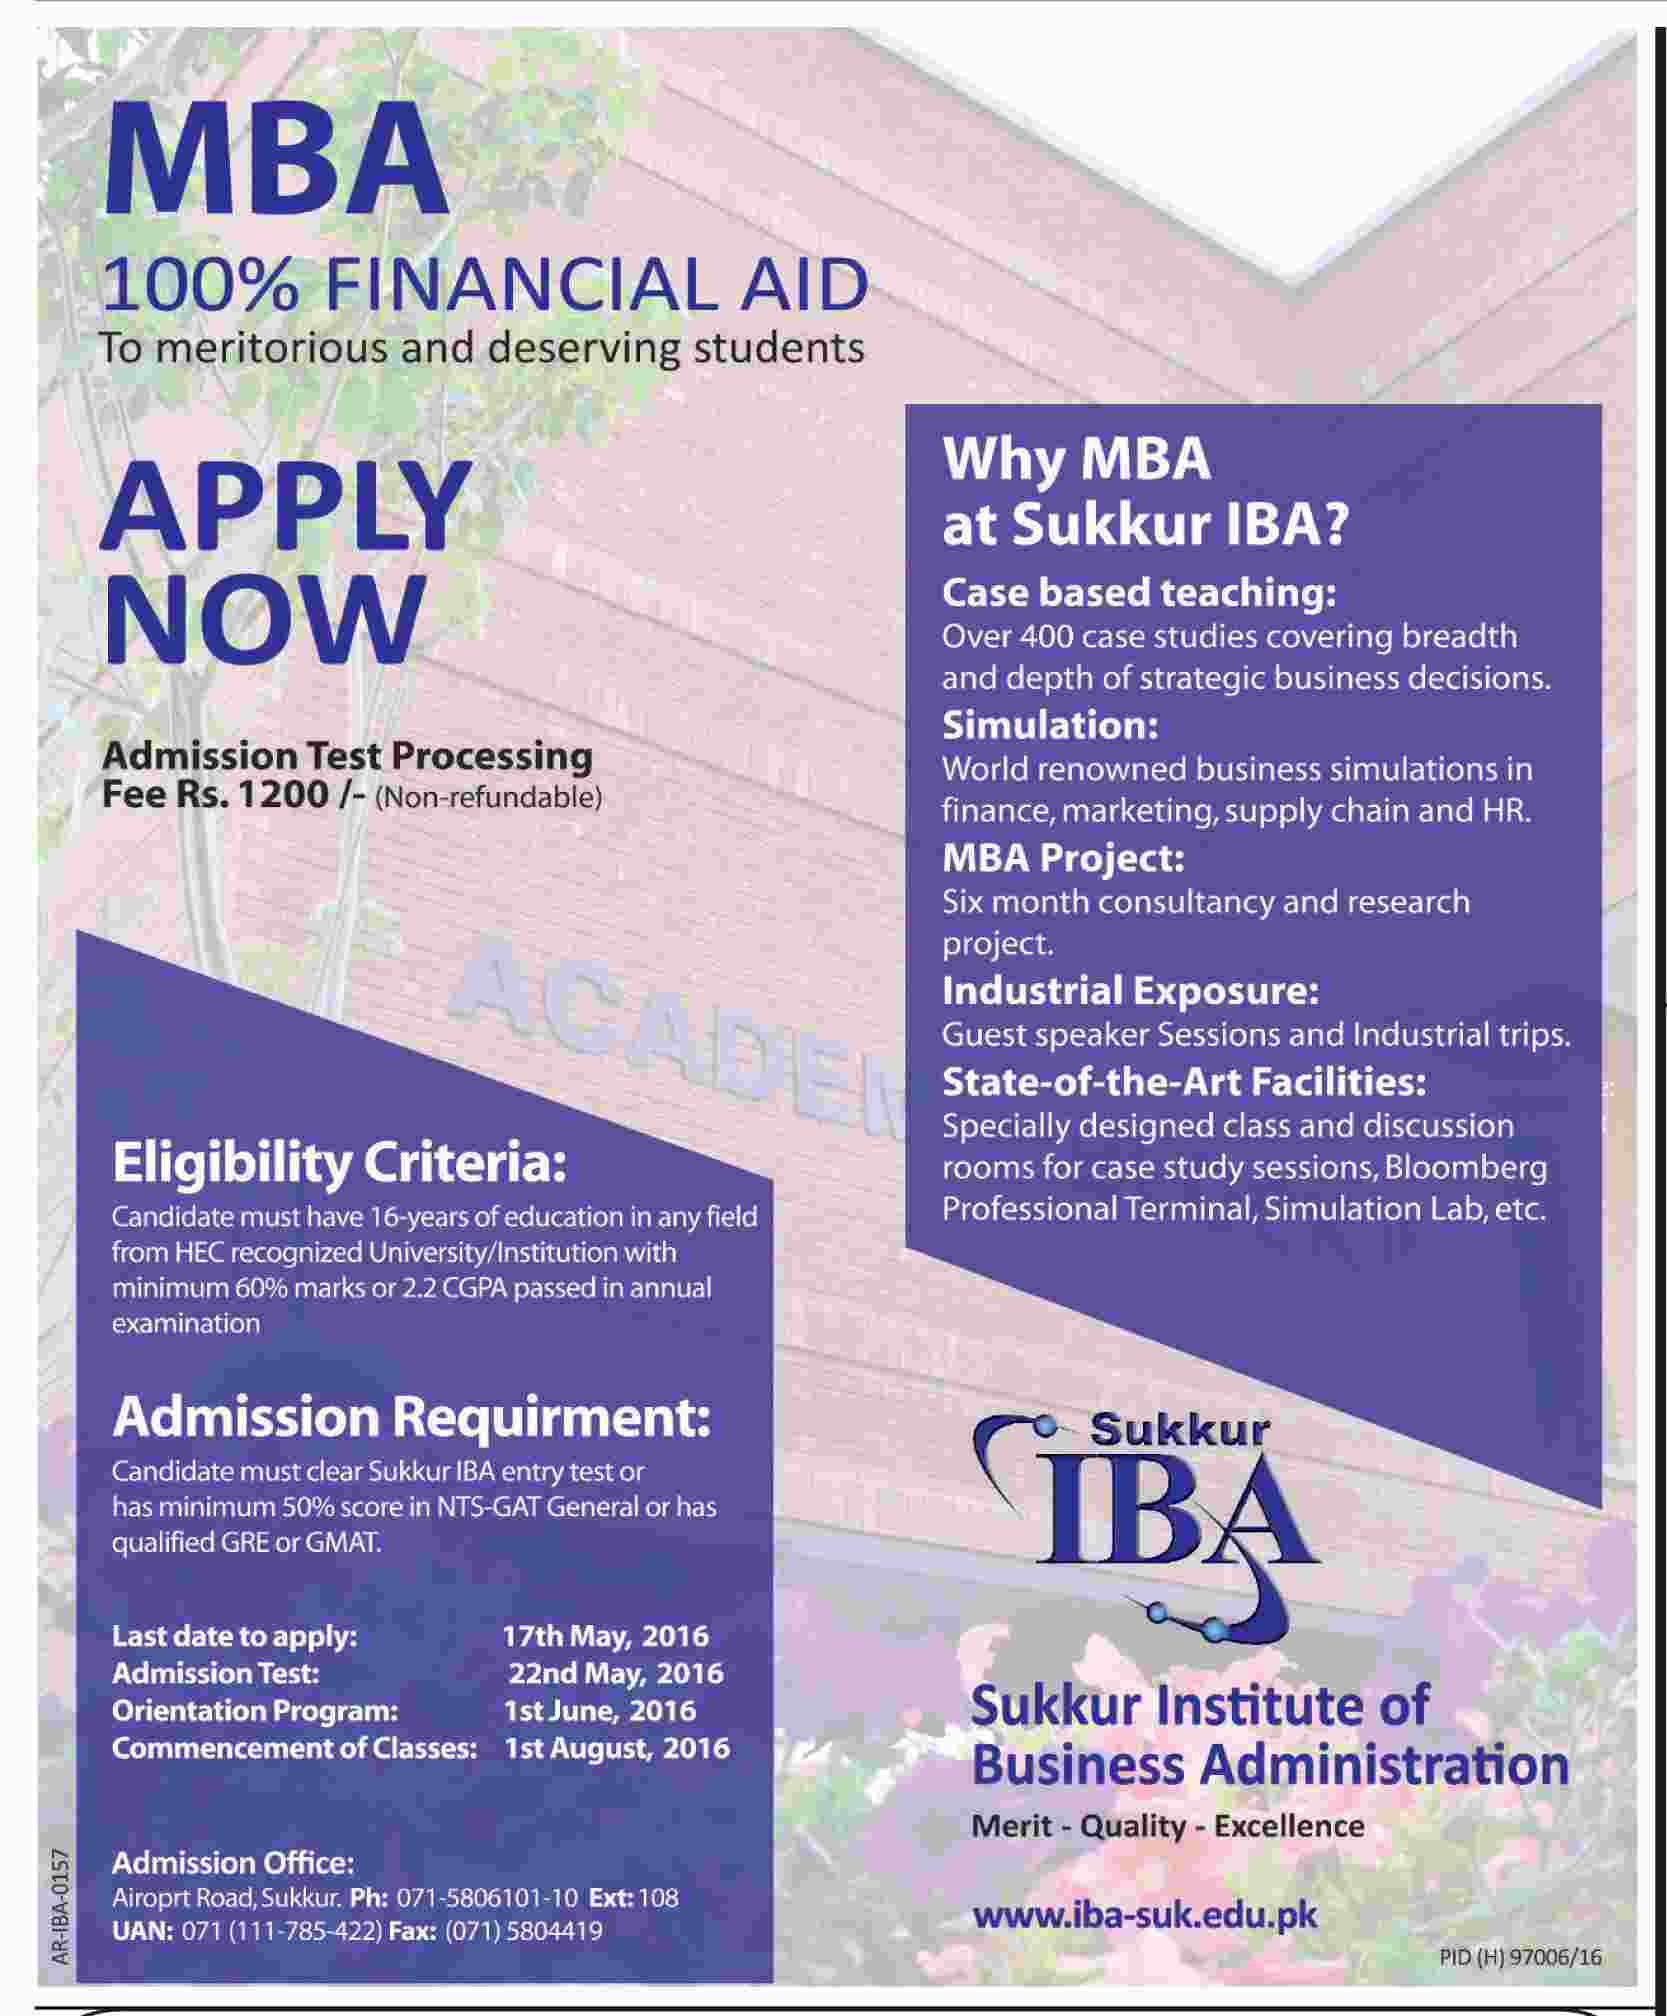 IBA Sukkar MBA Scholarships